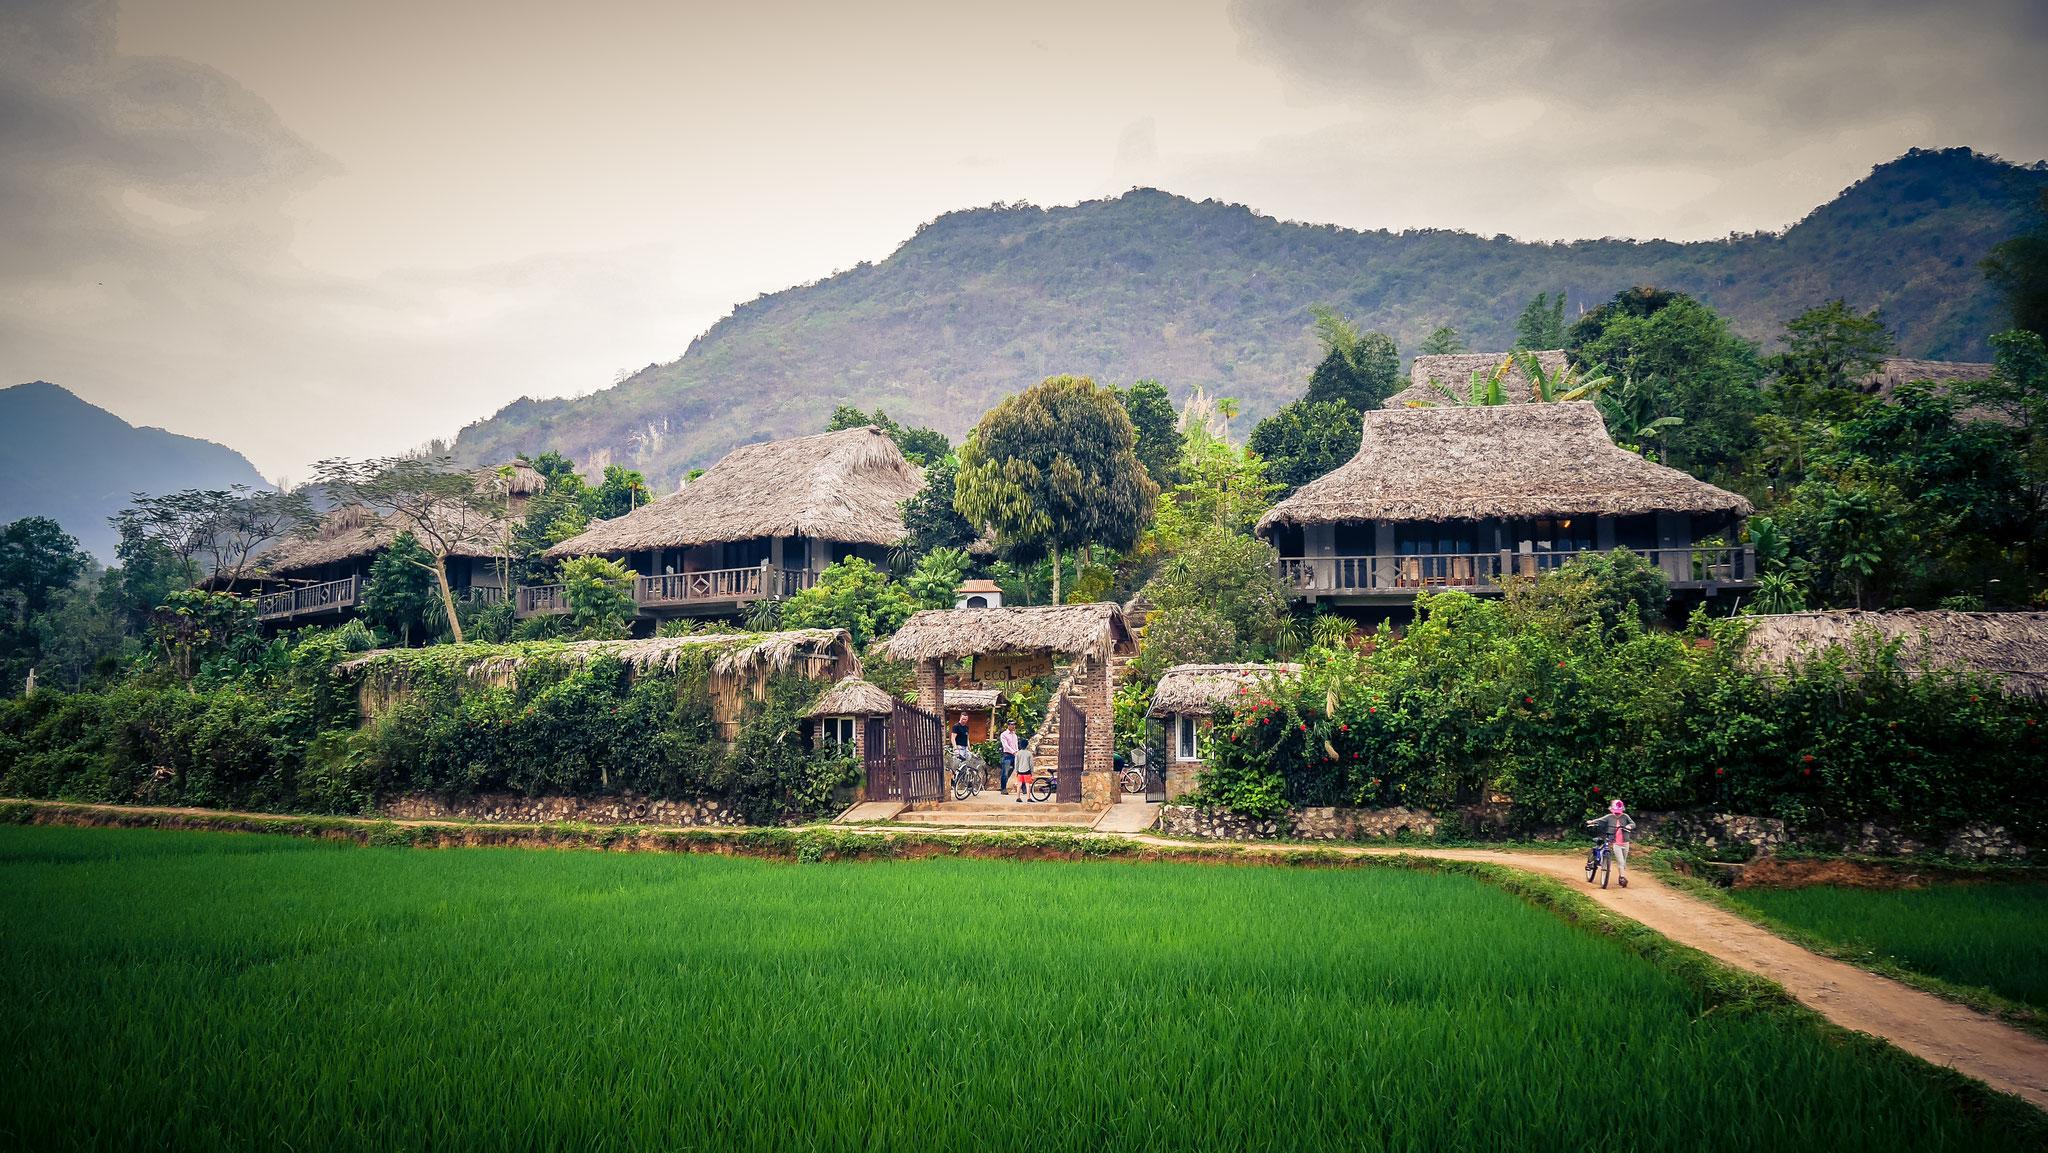 Ecolodge Mai Chau